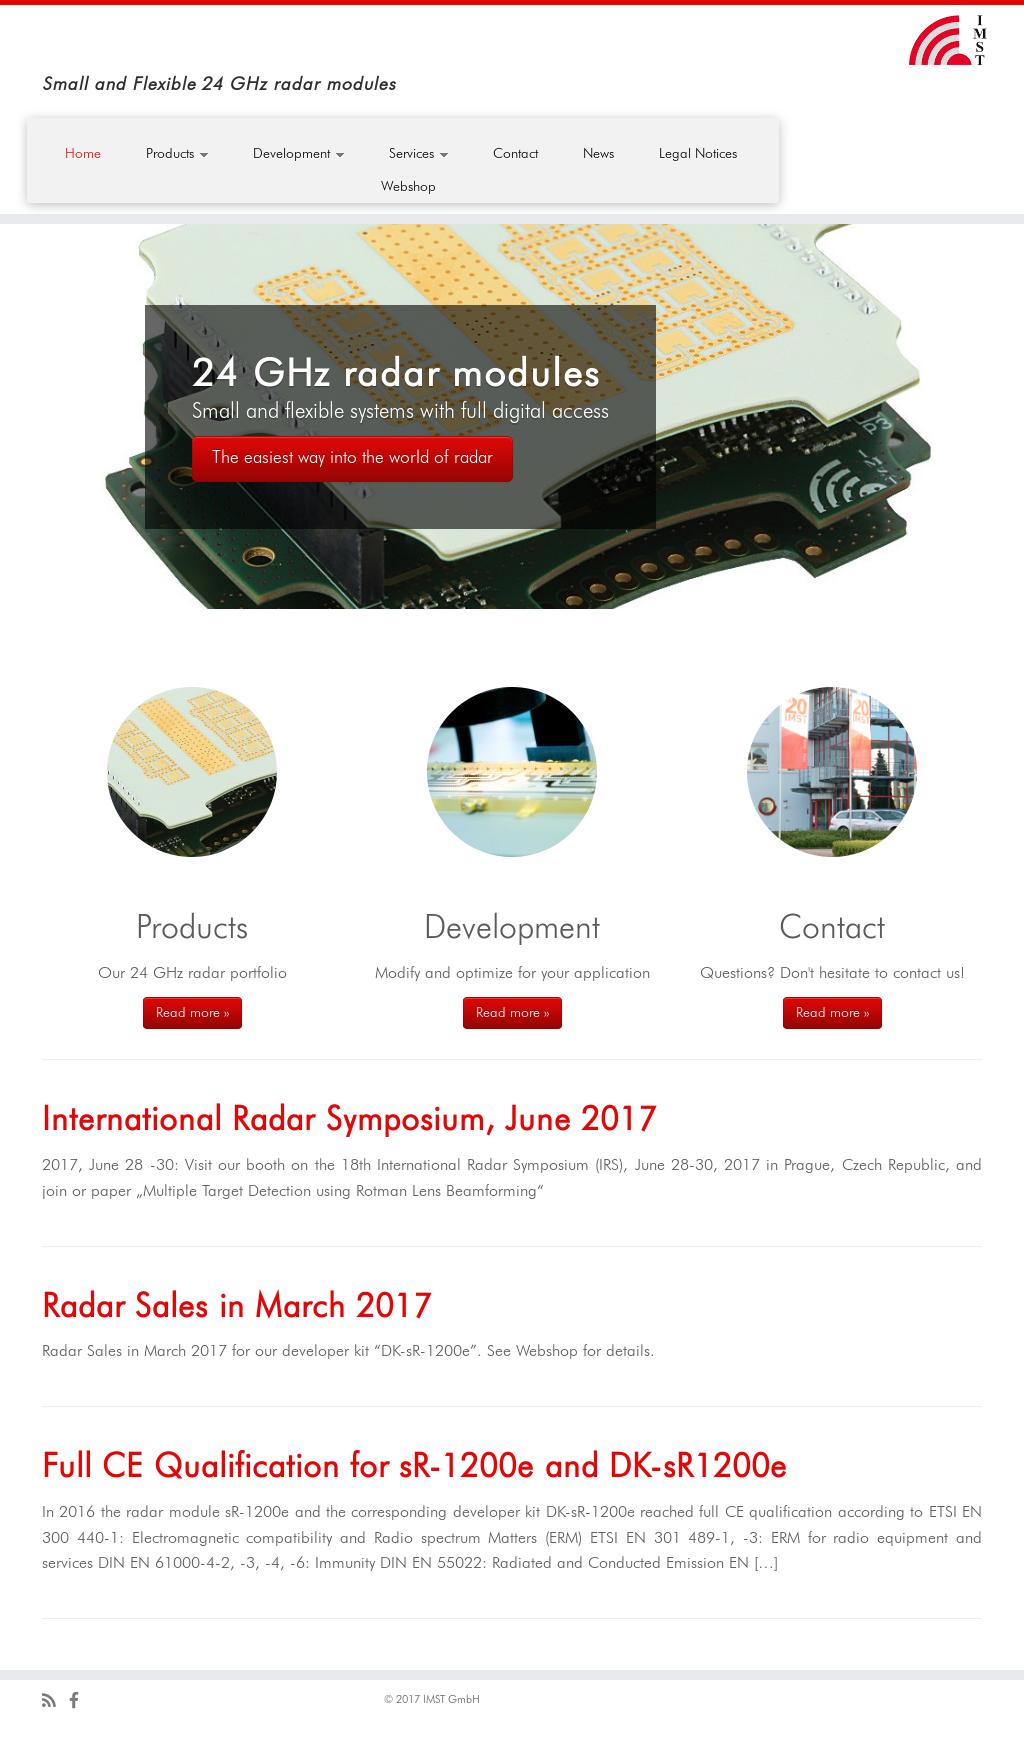 Radar Sensor Competitors, Revenue and Employees - Owler